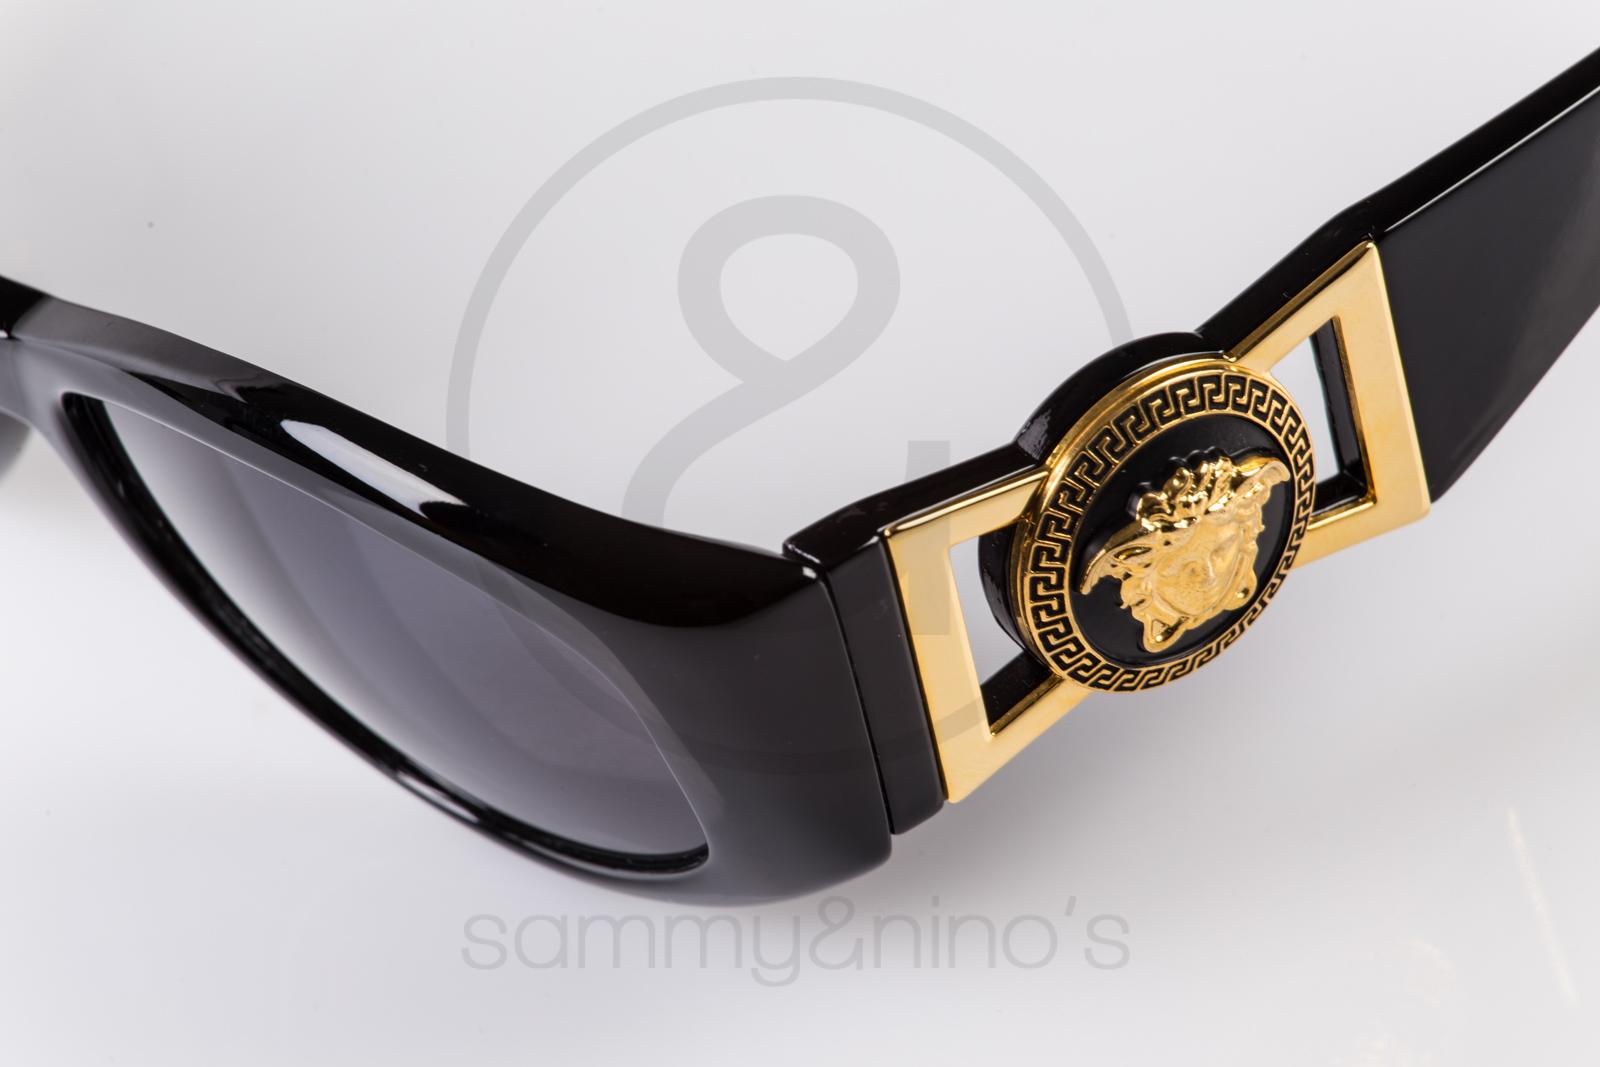 fbaeba2e0a44 Versace 424 Sunglasses Replica